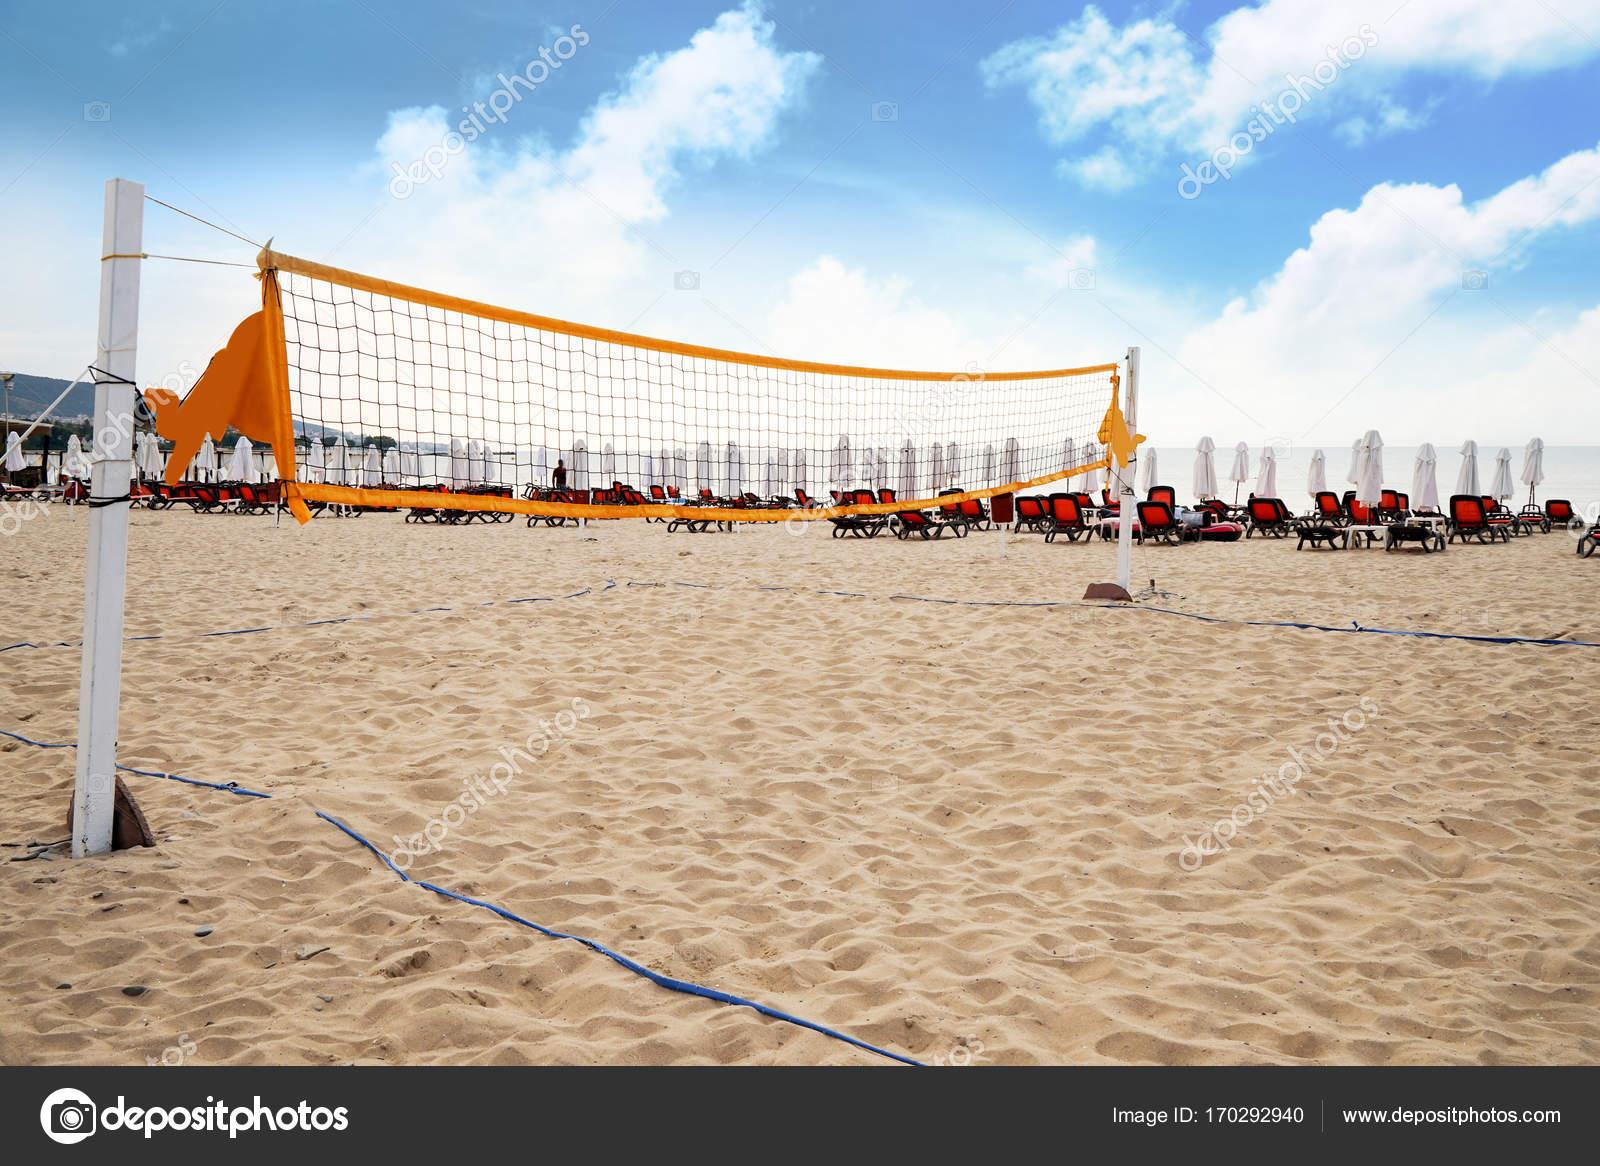 Imágenes Canchas De Voley Playa Cancha De Voleibol En La Playa